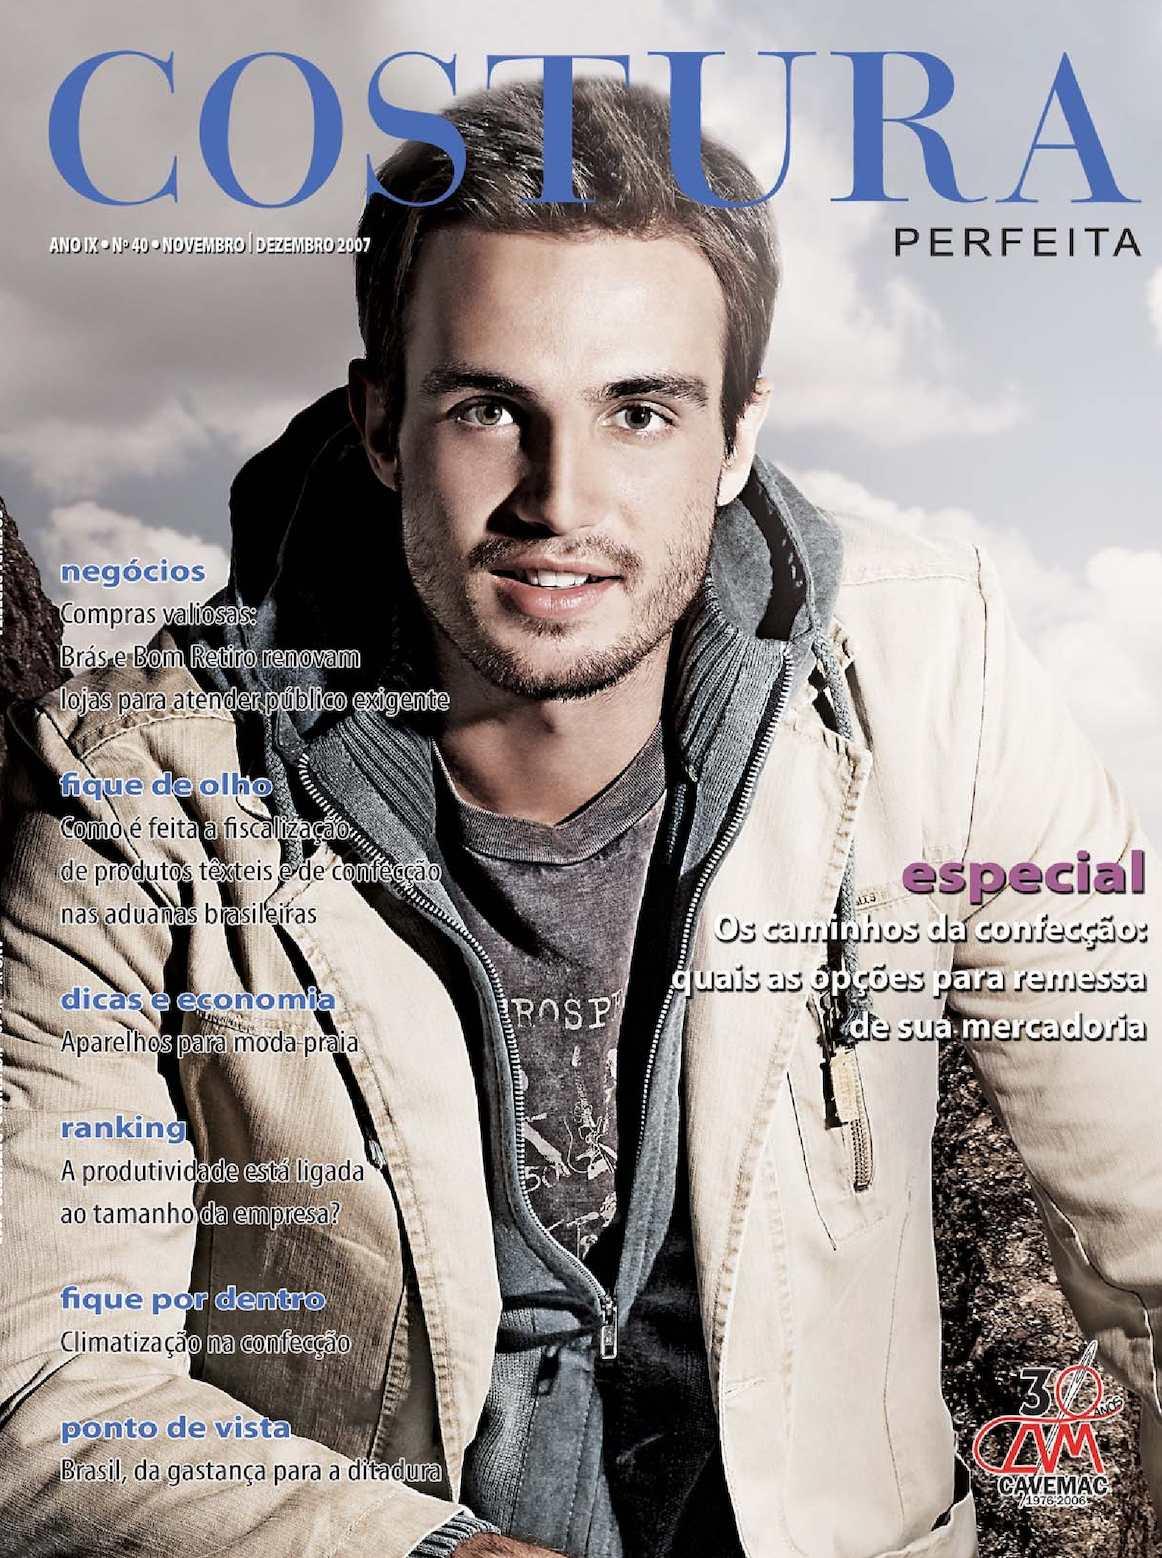 059952deab0 Calaméo - Revista Costura Perfeita Edição Ano IX - N40 Novembro-Dezembro  2007